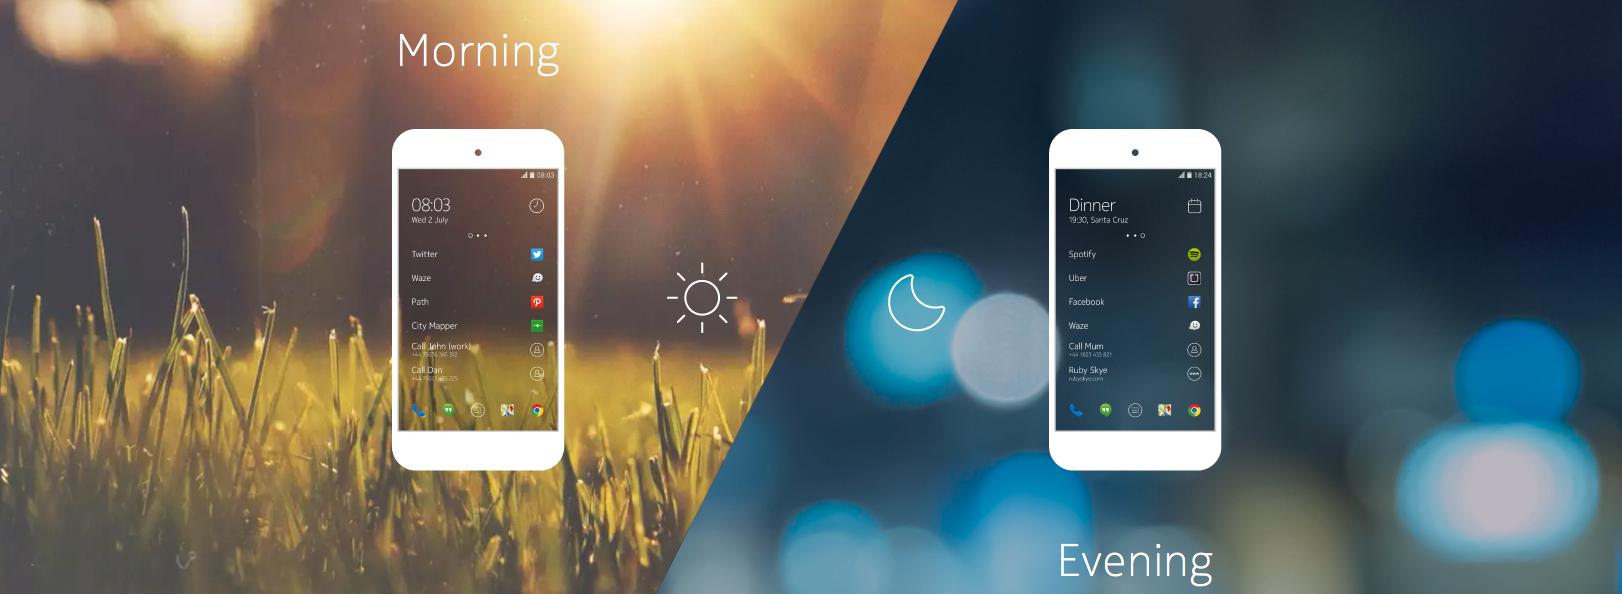 Et egendesignet menysystem skal gi smart tilgang på appene du trenger, når du trenger dem.Foto: Nokia